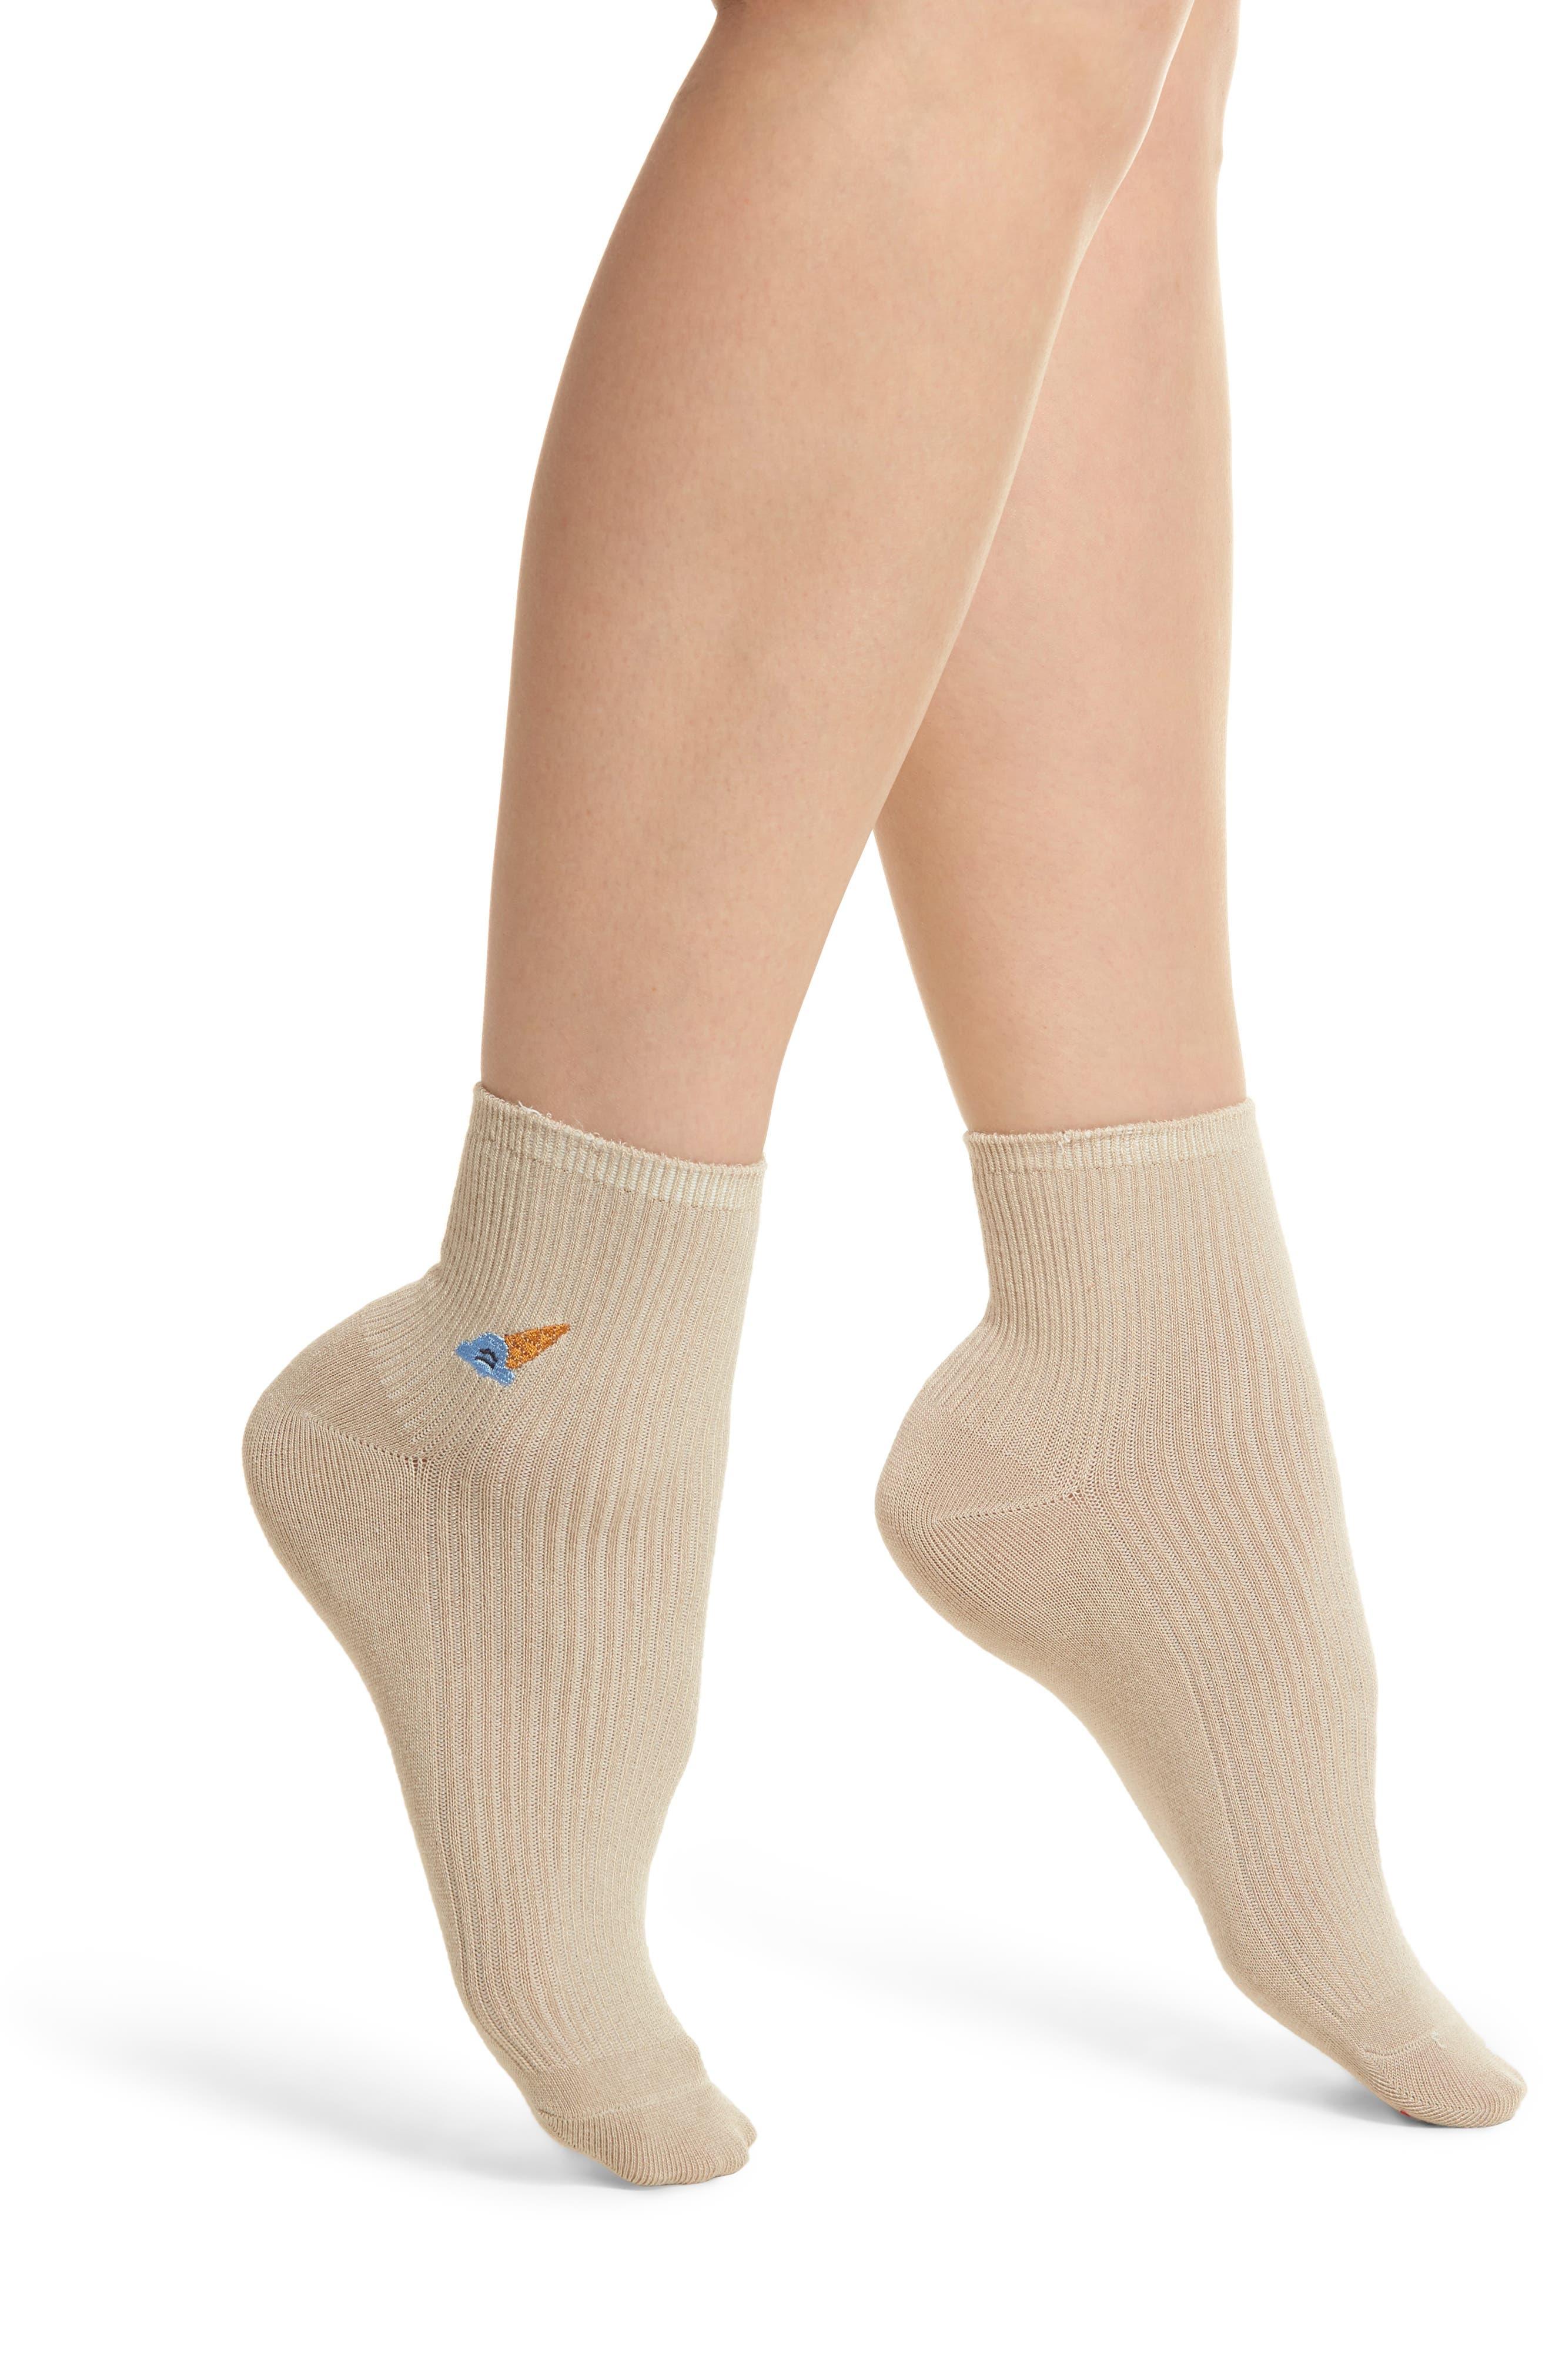 Richer Poorer Coney Ankle Socks